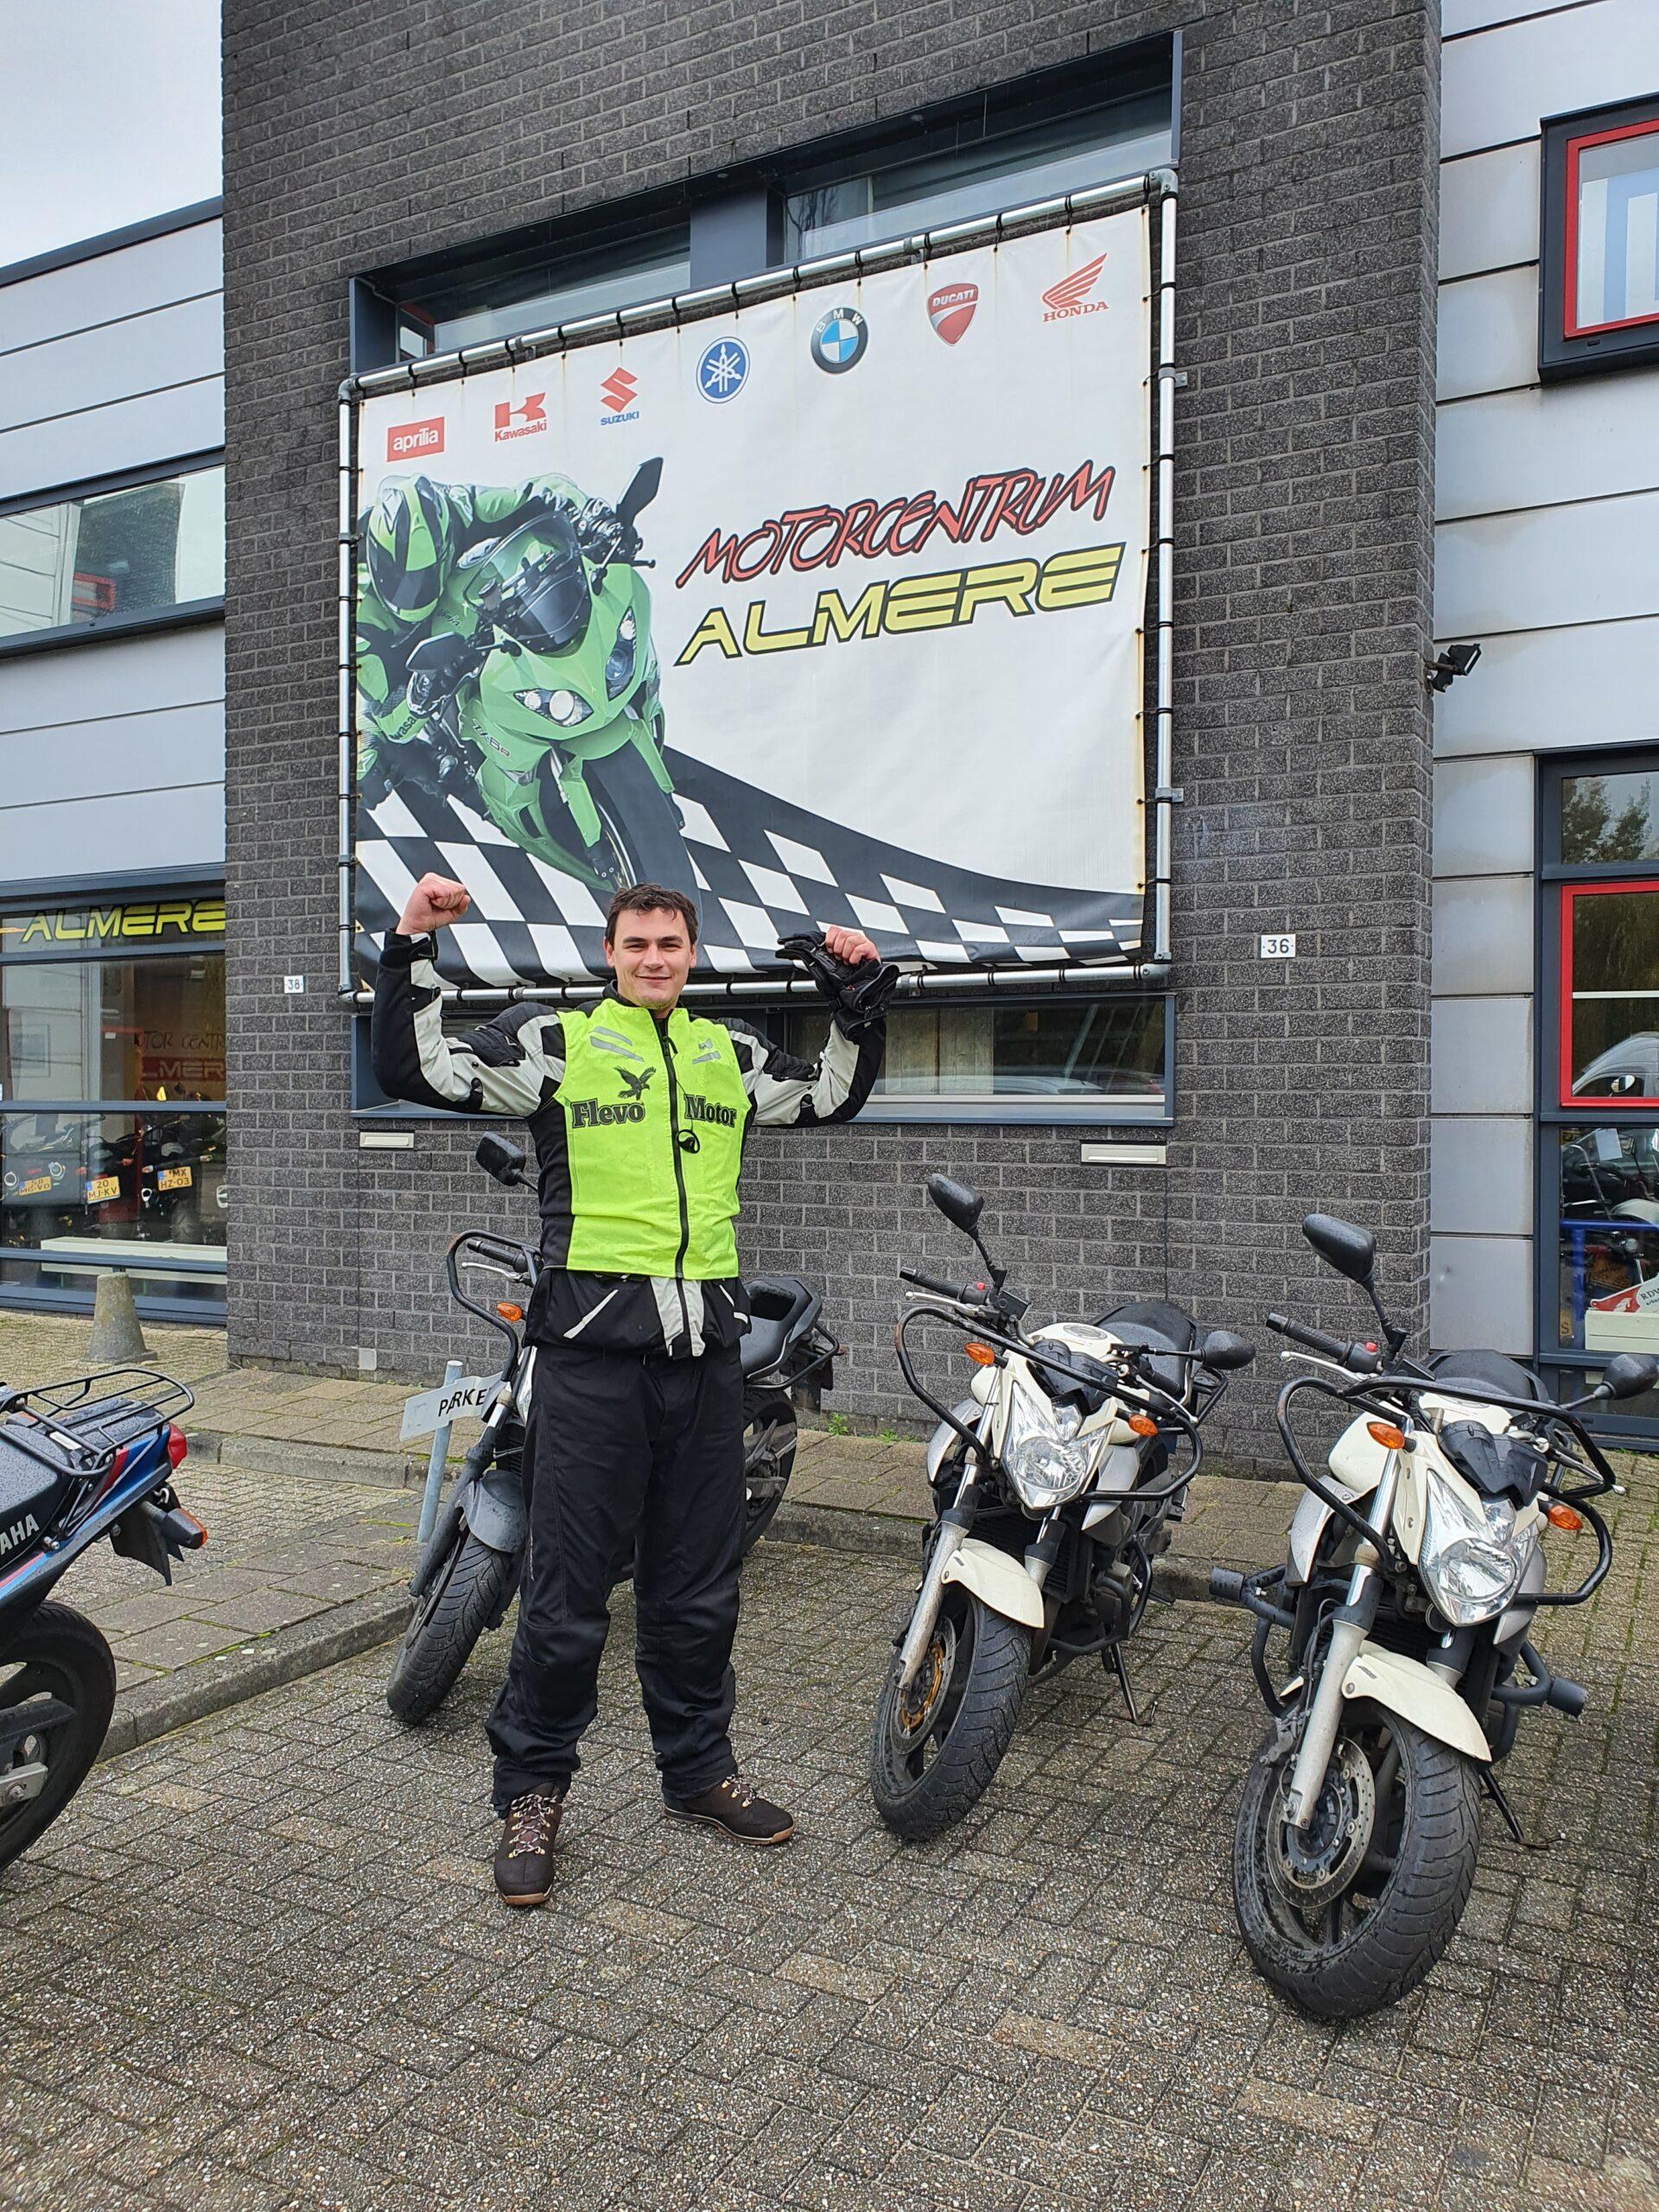 Remco ook bij FlevoMotor in een keer geslaagd voor zijn motorrijbewijs.